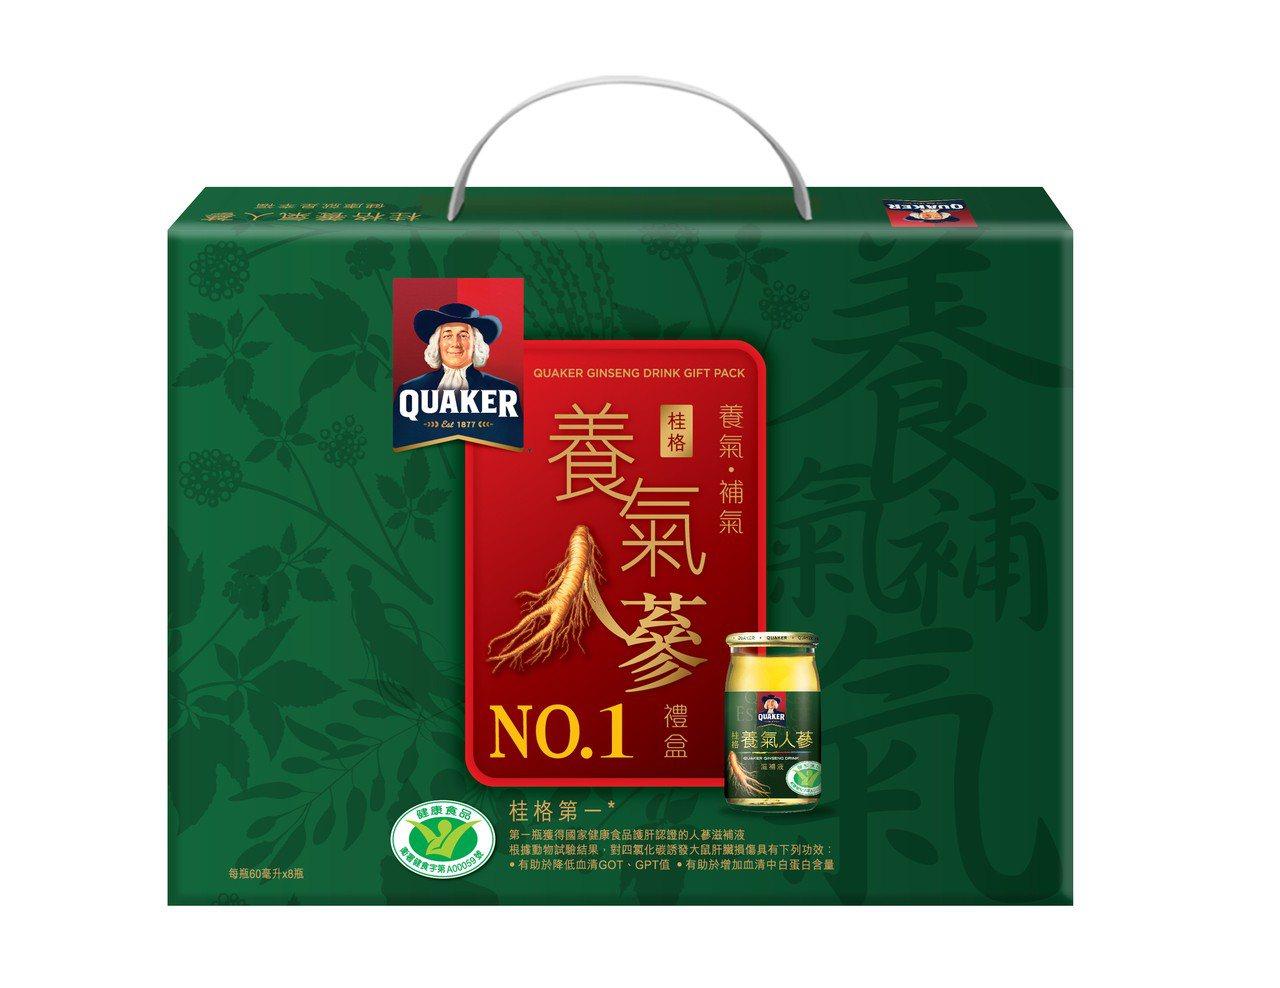 桂格養氣人蔘禮盒,售價479元。圖/OK超商提供